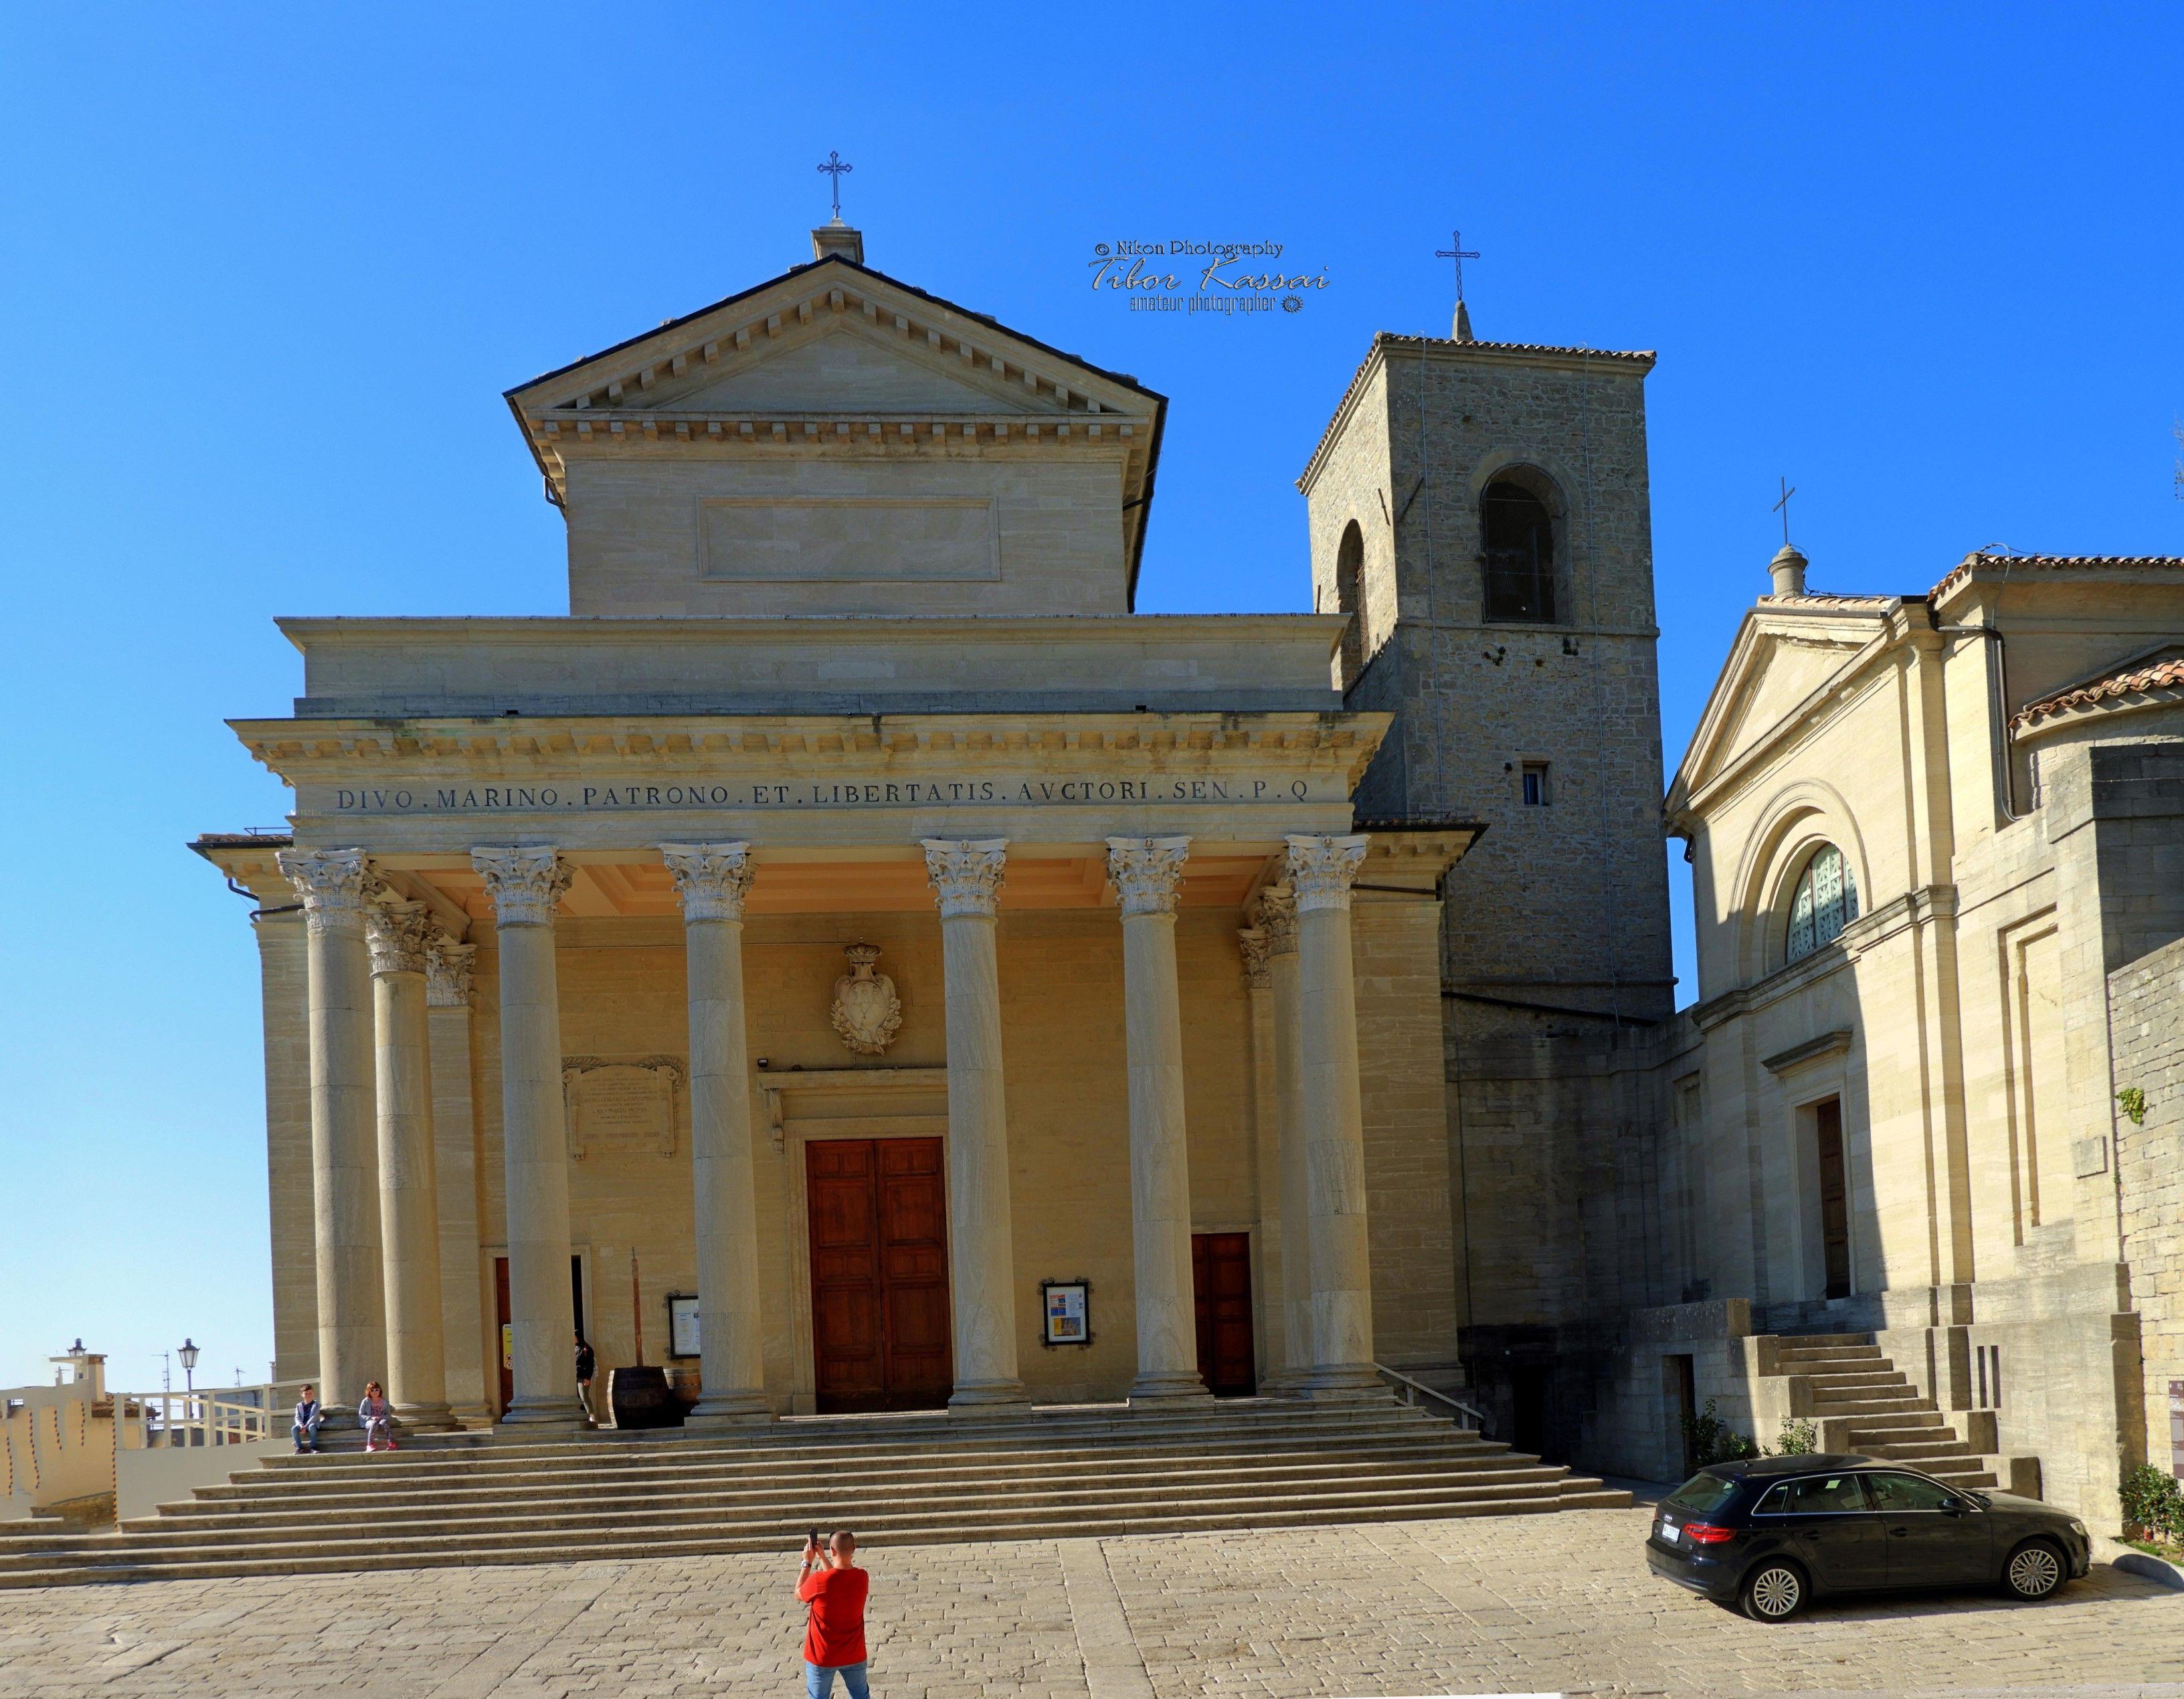 Cathedral Of San Marino Basilica Del Santo San Marino City Republic Of San Marino Nikon Coolpix B700 7 2mm 1 640s 1 4 House Styles San Marino Mansions